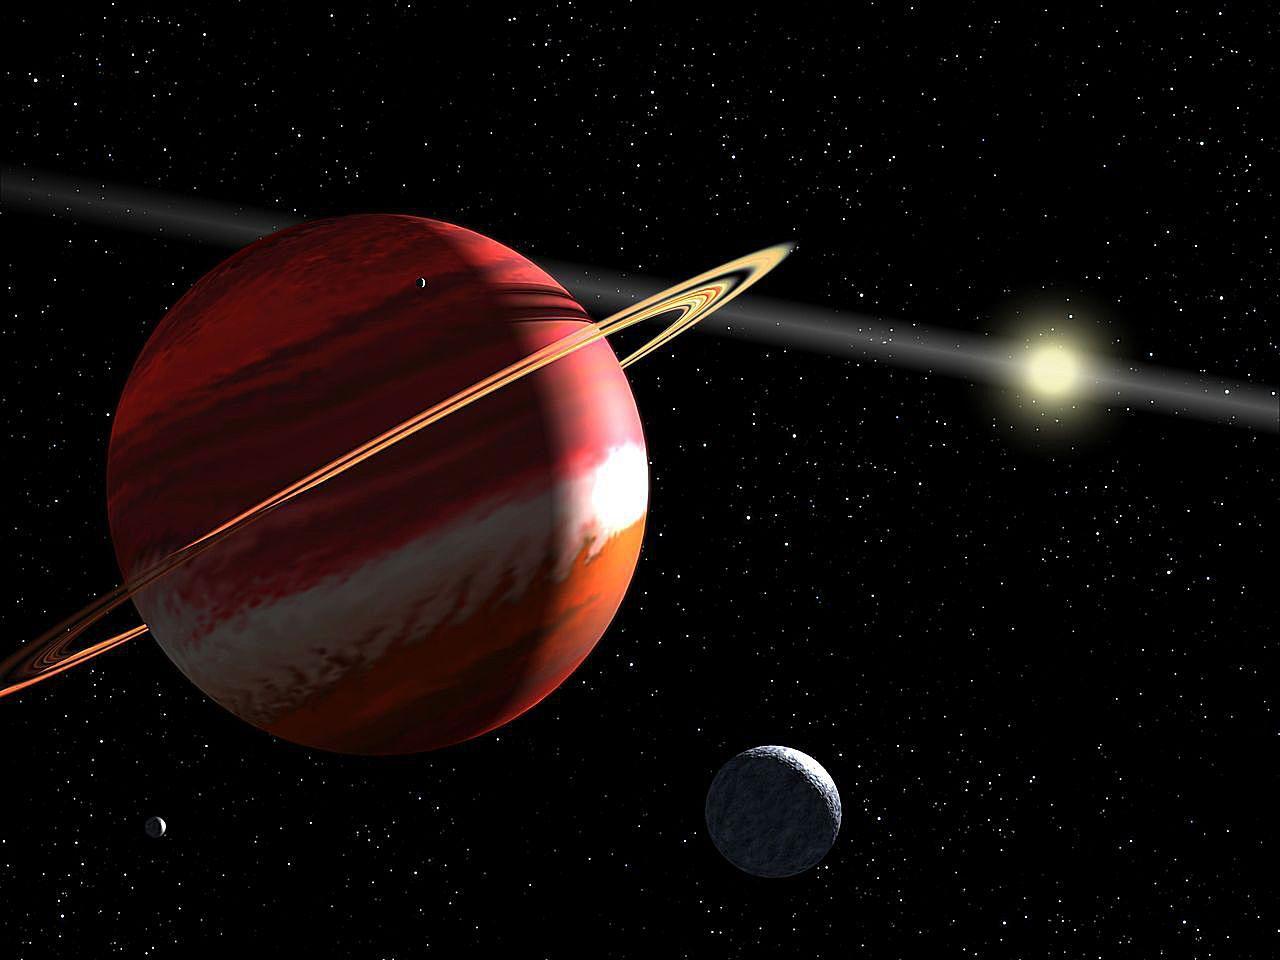 Artist rendering of Epsilon Eridani.